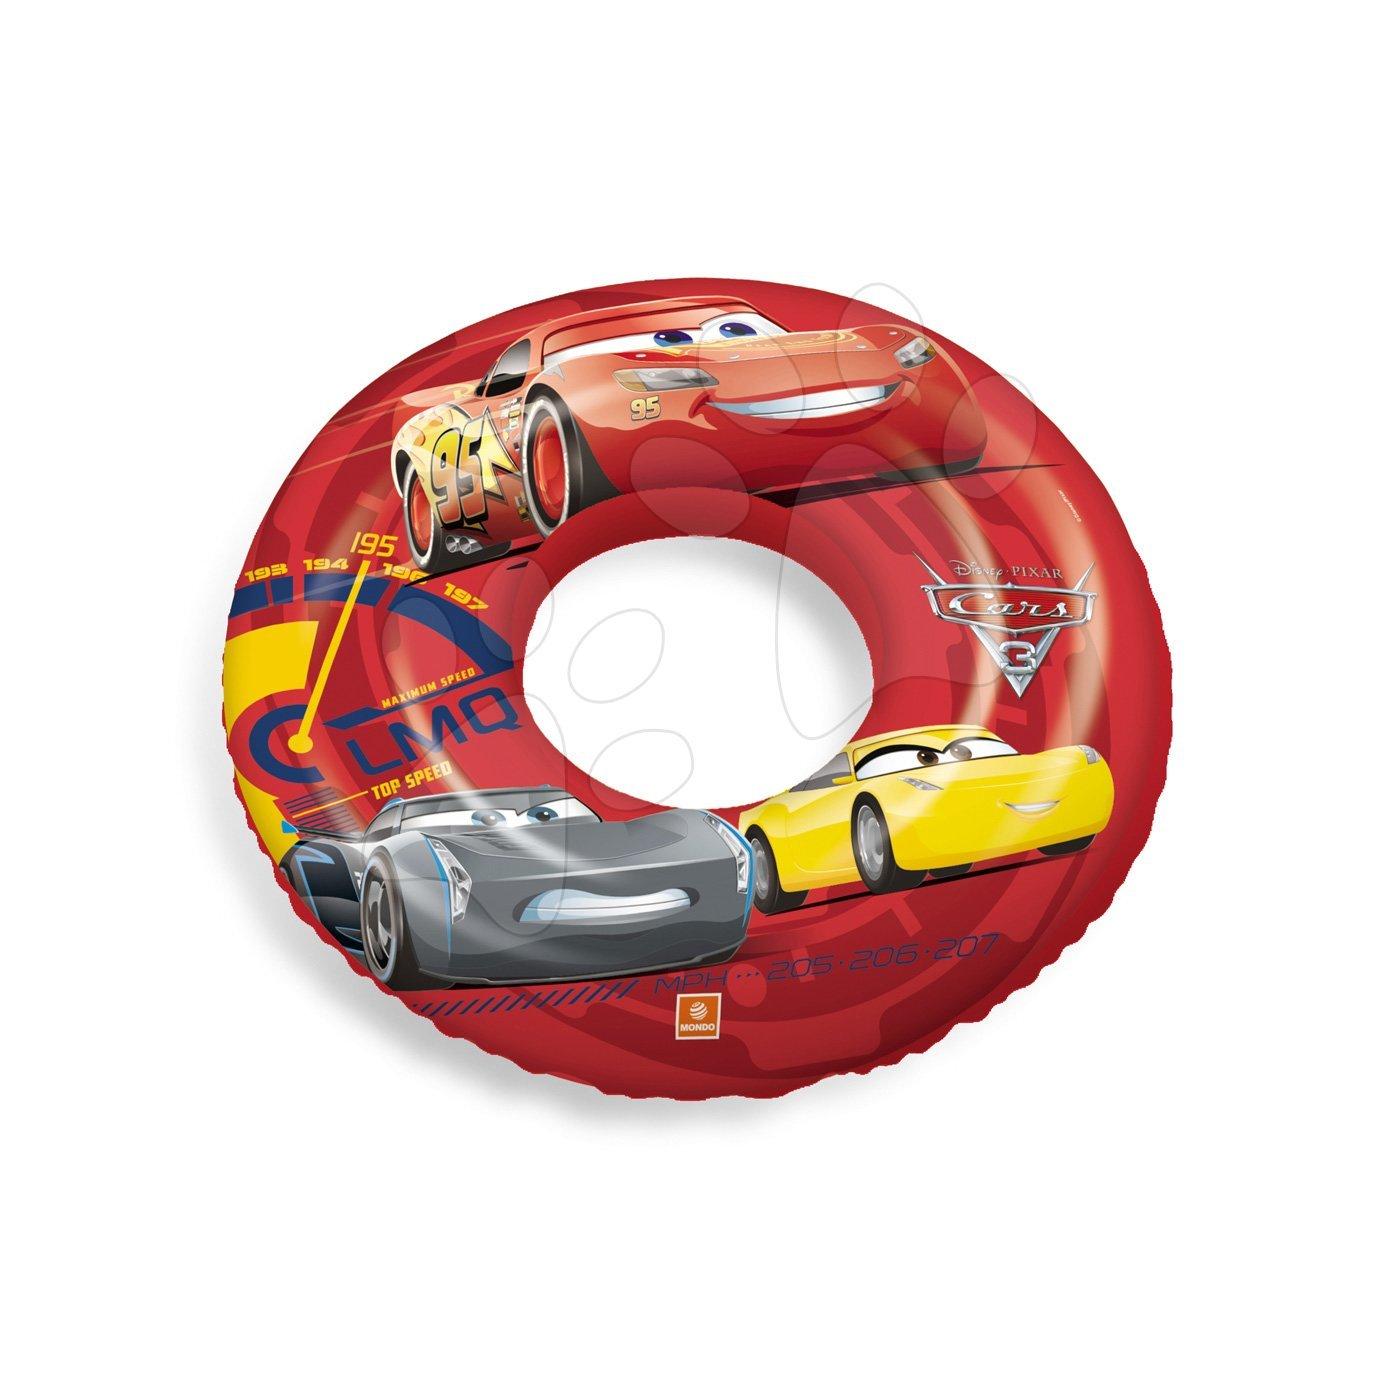 Mondo nafukovacie plávacie koleso Autá 16242 červené